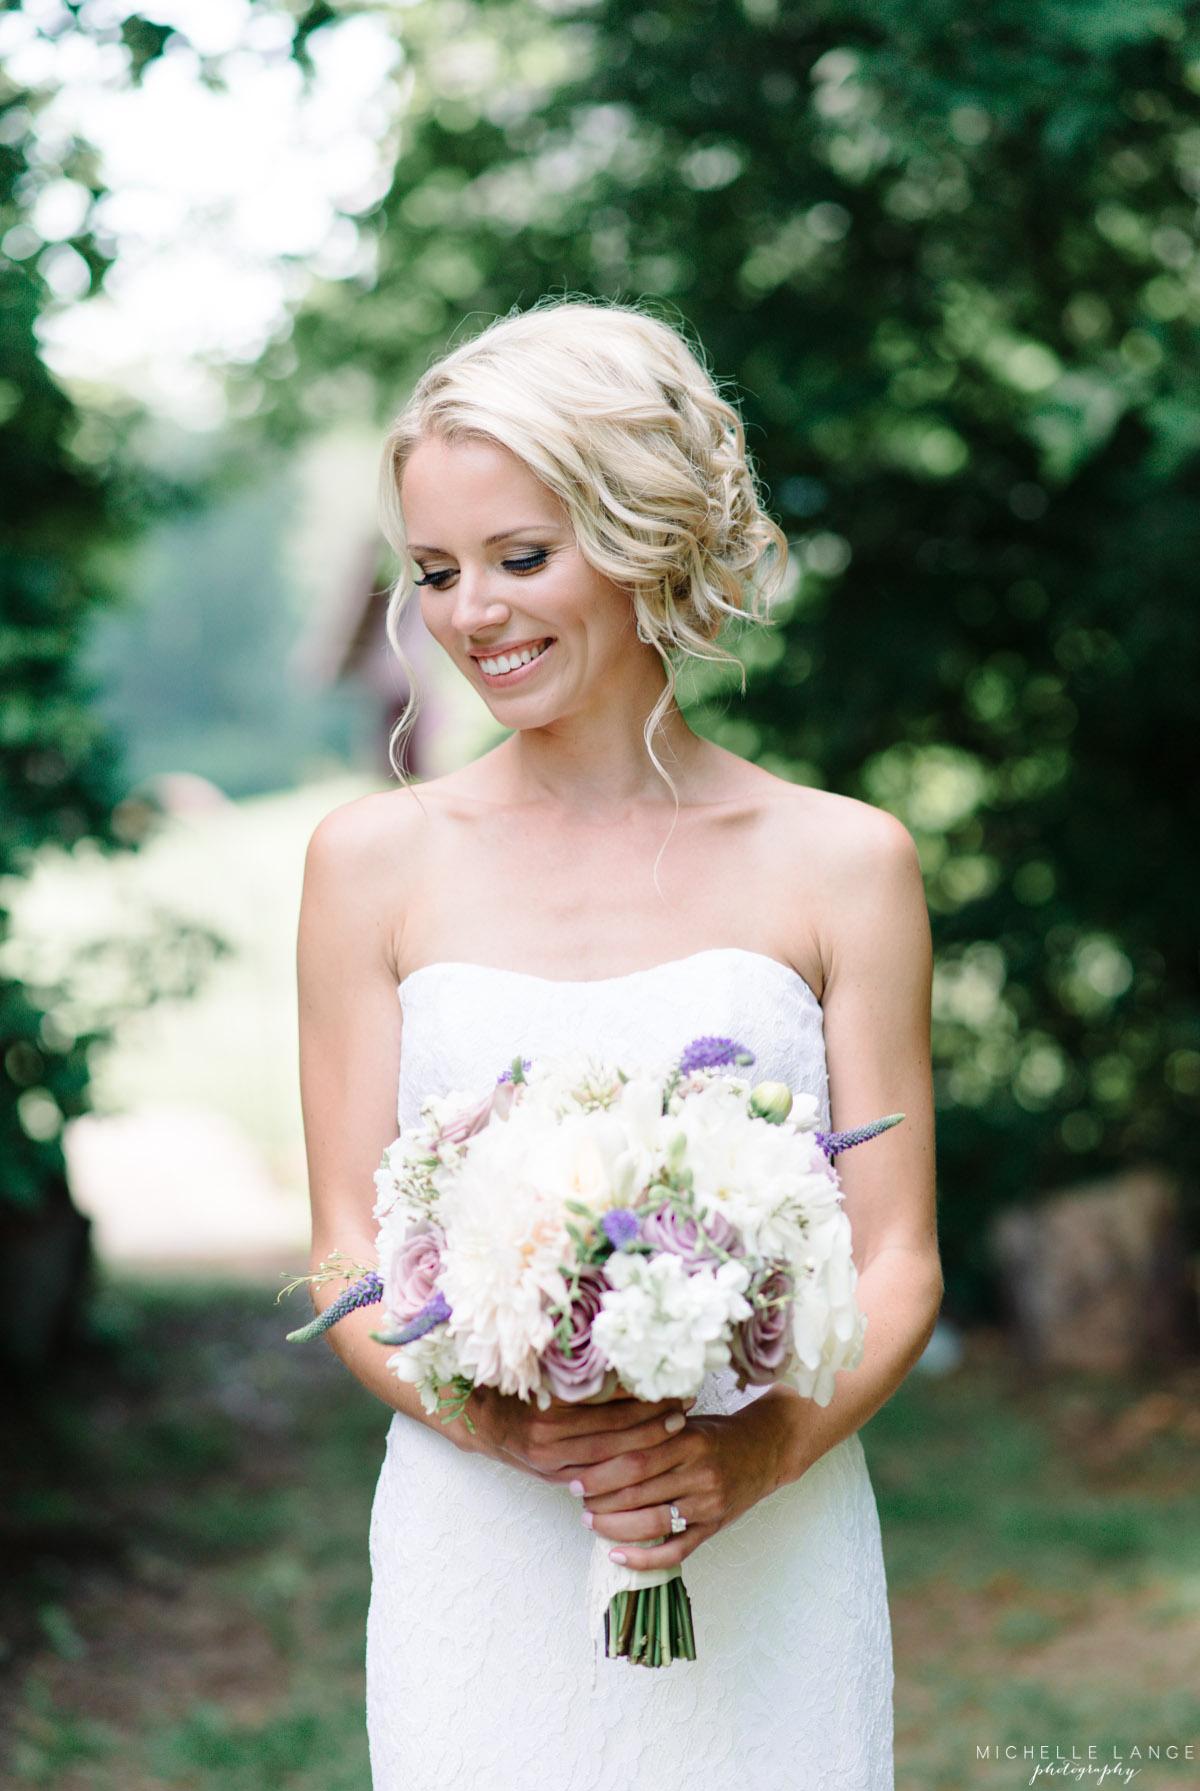 Michelle Lange Wedding Engagement Photography Ny Blog